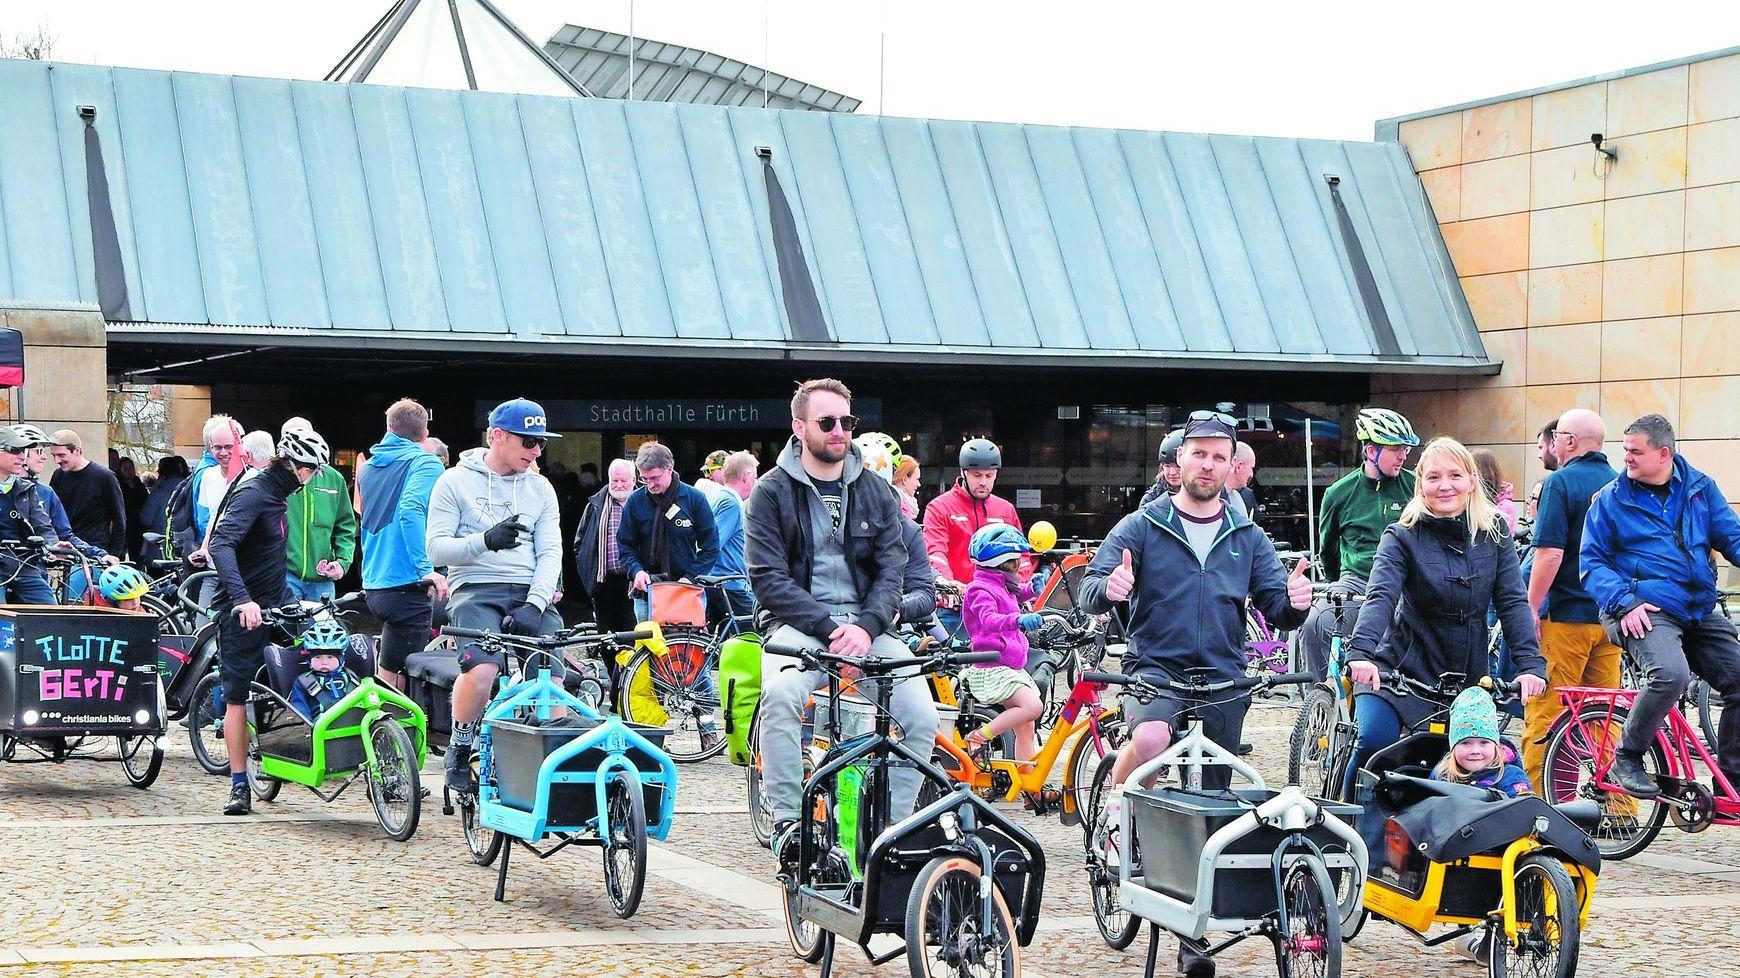 Bei der Radmesse 2017 sorgte ein Lastenradtreffen für Aufsehen – mit dabei war auch das Leihrad, das man bei Velomondial kostenlos ausleihen kann (nicht im Bild).